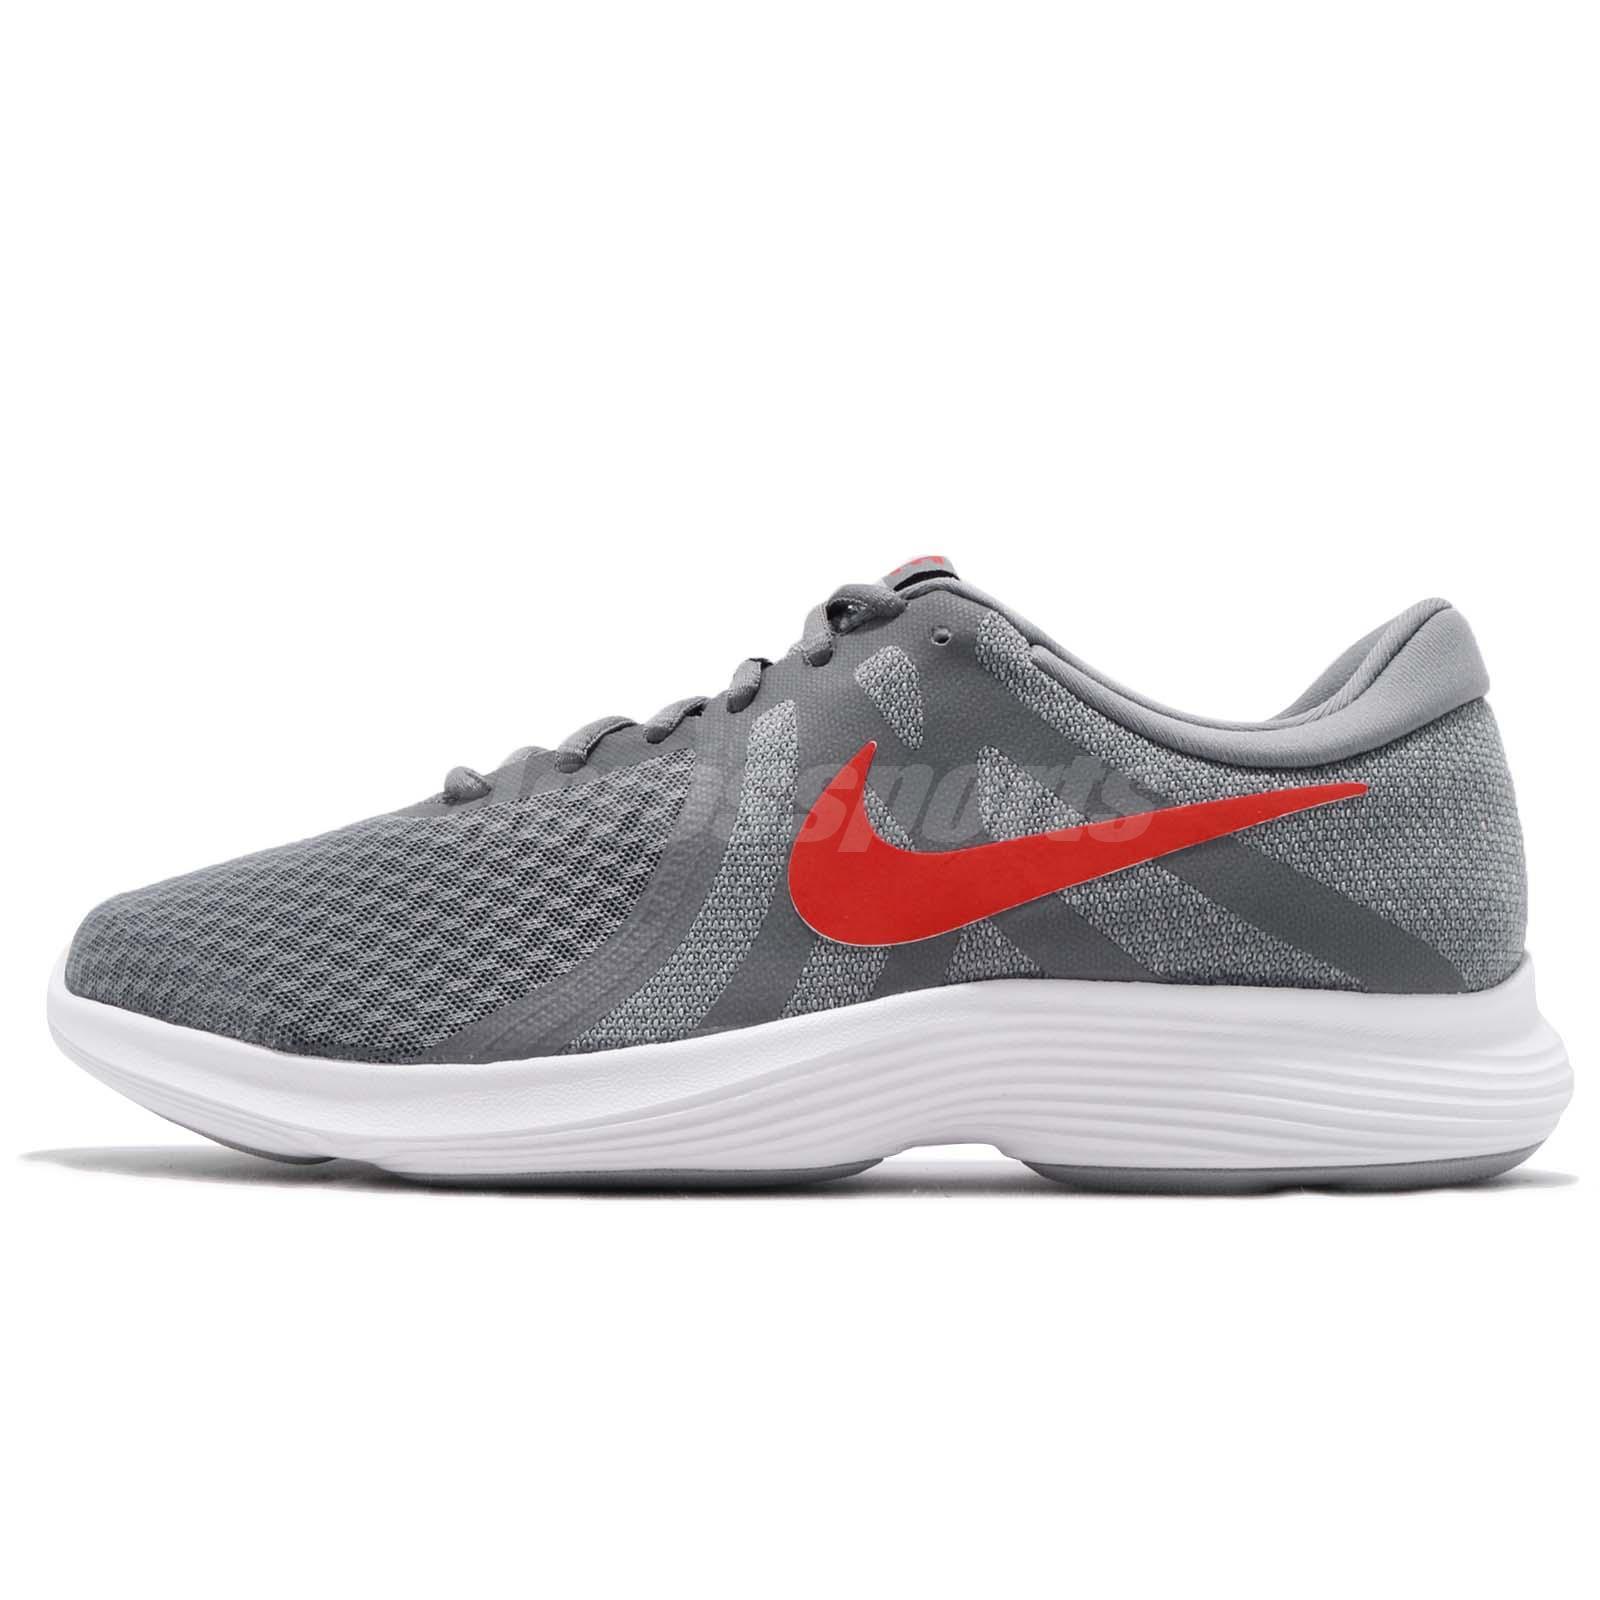 d8d01e0e6d5d1 Nike Revolution 4 IV Grey Red White Men Running Shoes Sneakers 908988-013